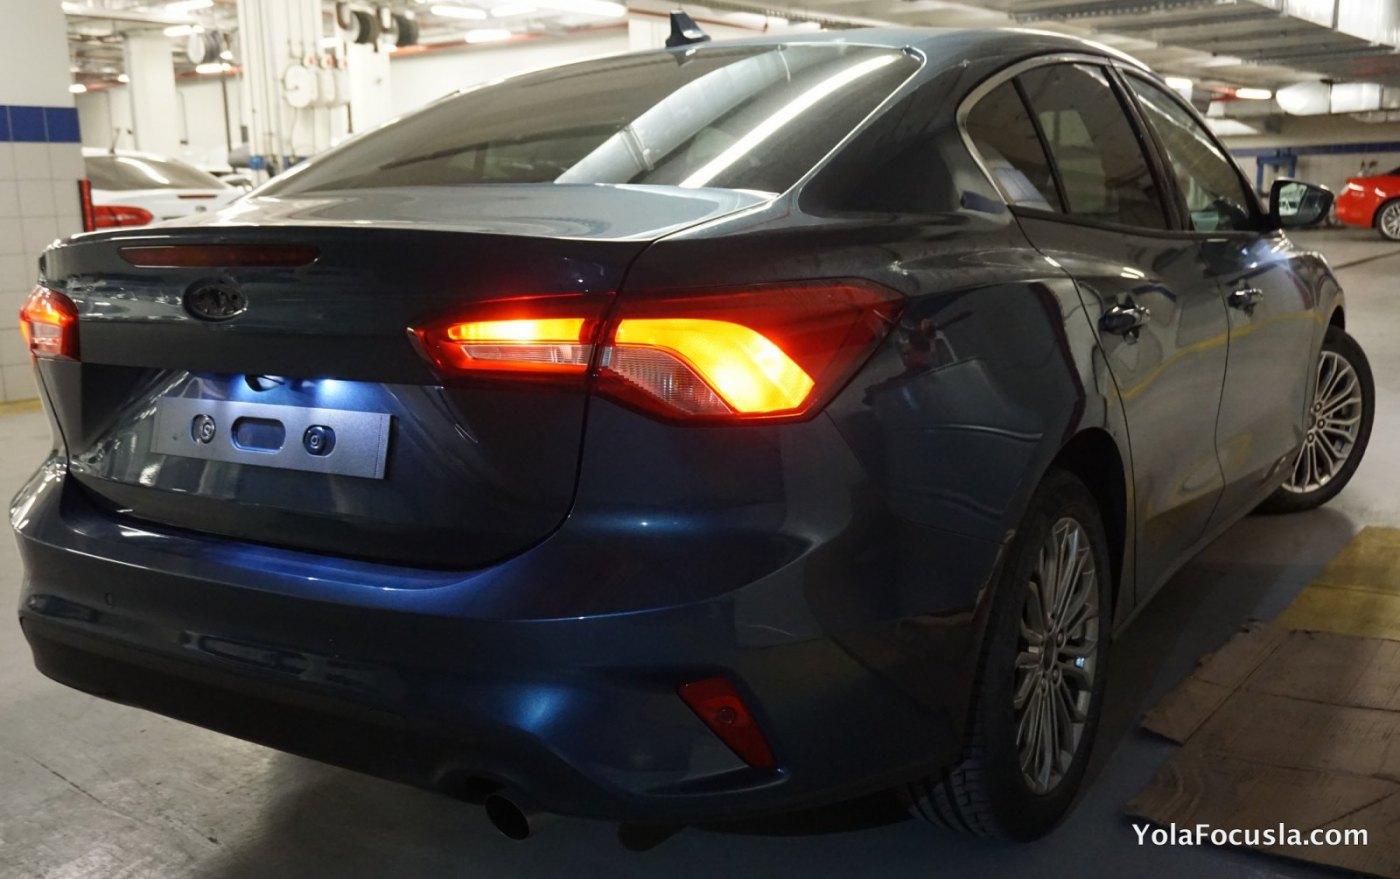 2018 Ford Focus Mk4 Ön İnceleme_75.JPG